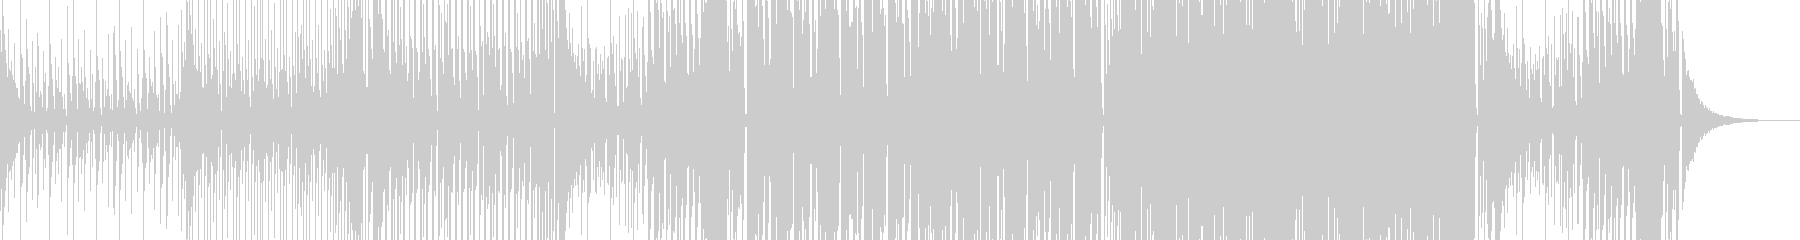 シンプルなベースハウスの未再生の波形